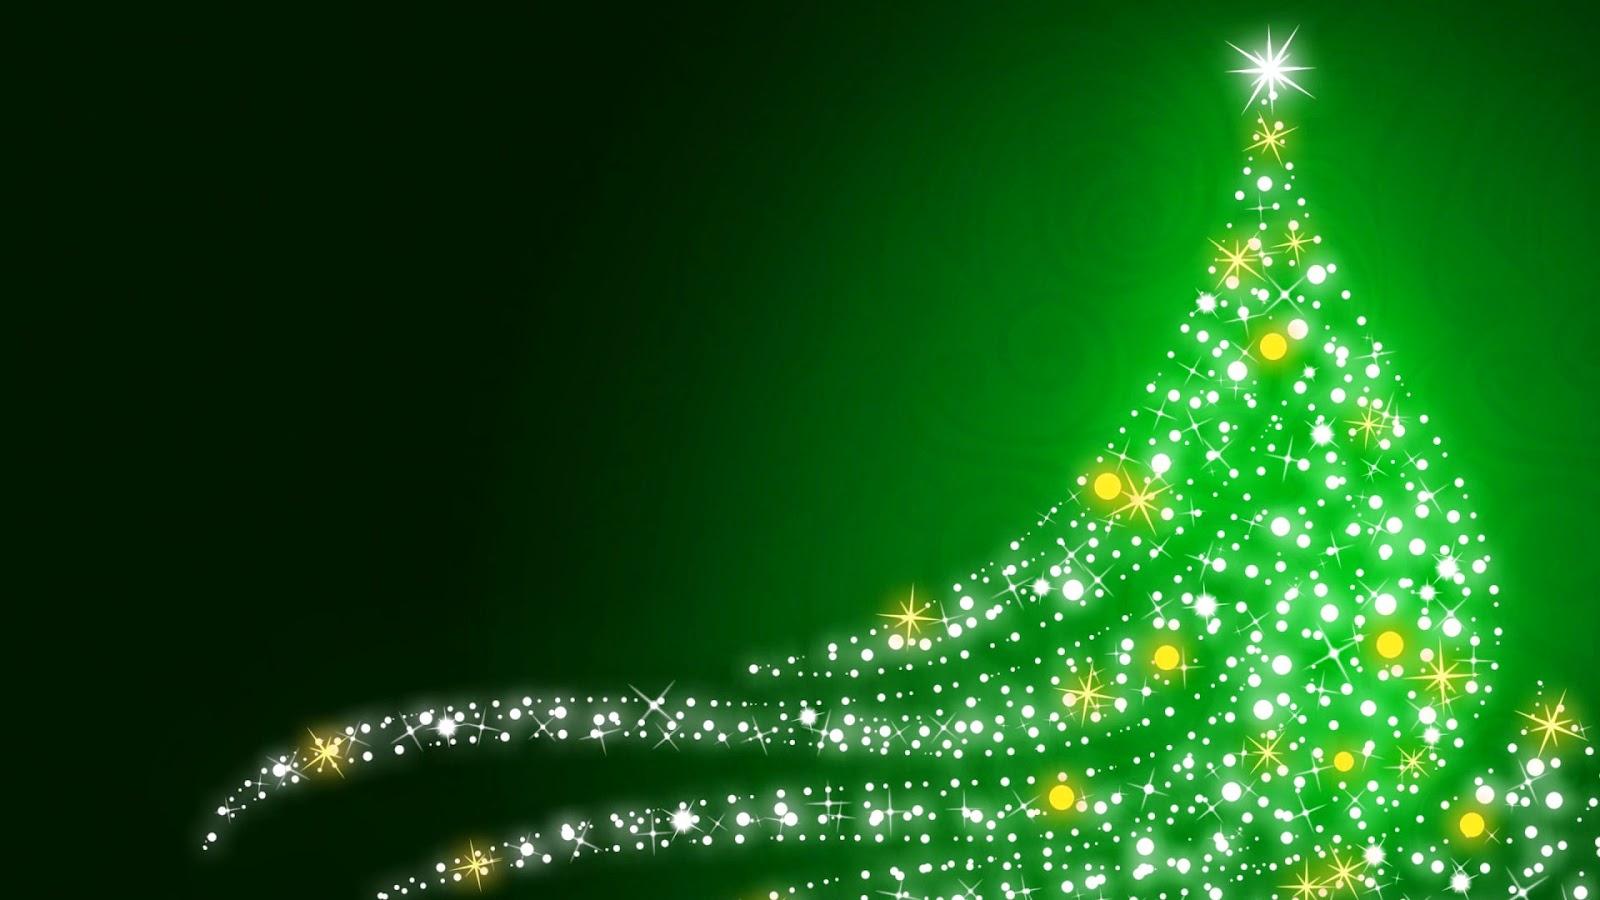 Hinh Nen Chuc Mung Giang Sinh Hình Nền Chúc Mừng Noel